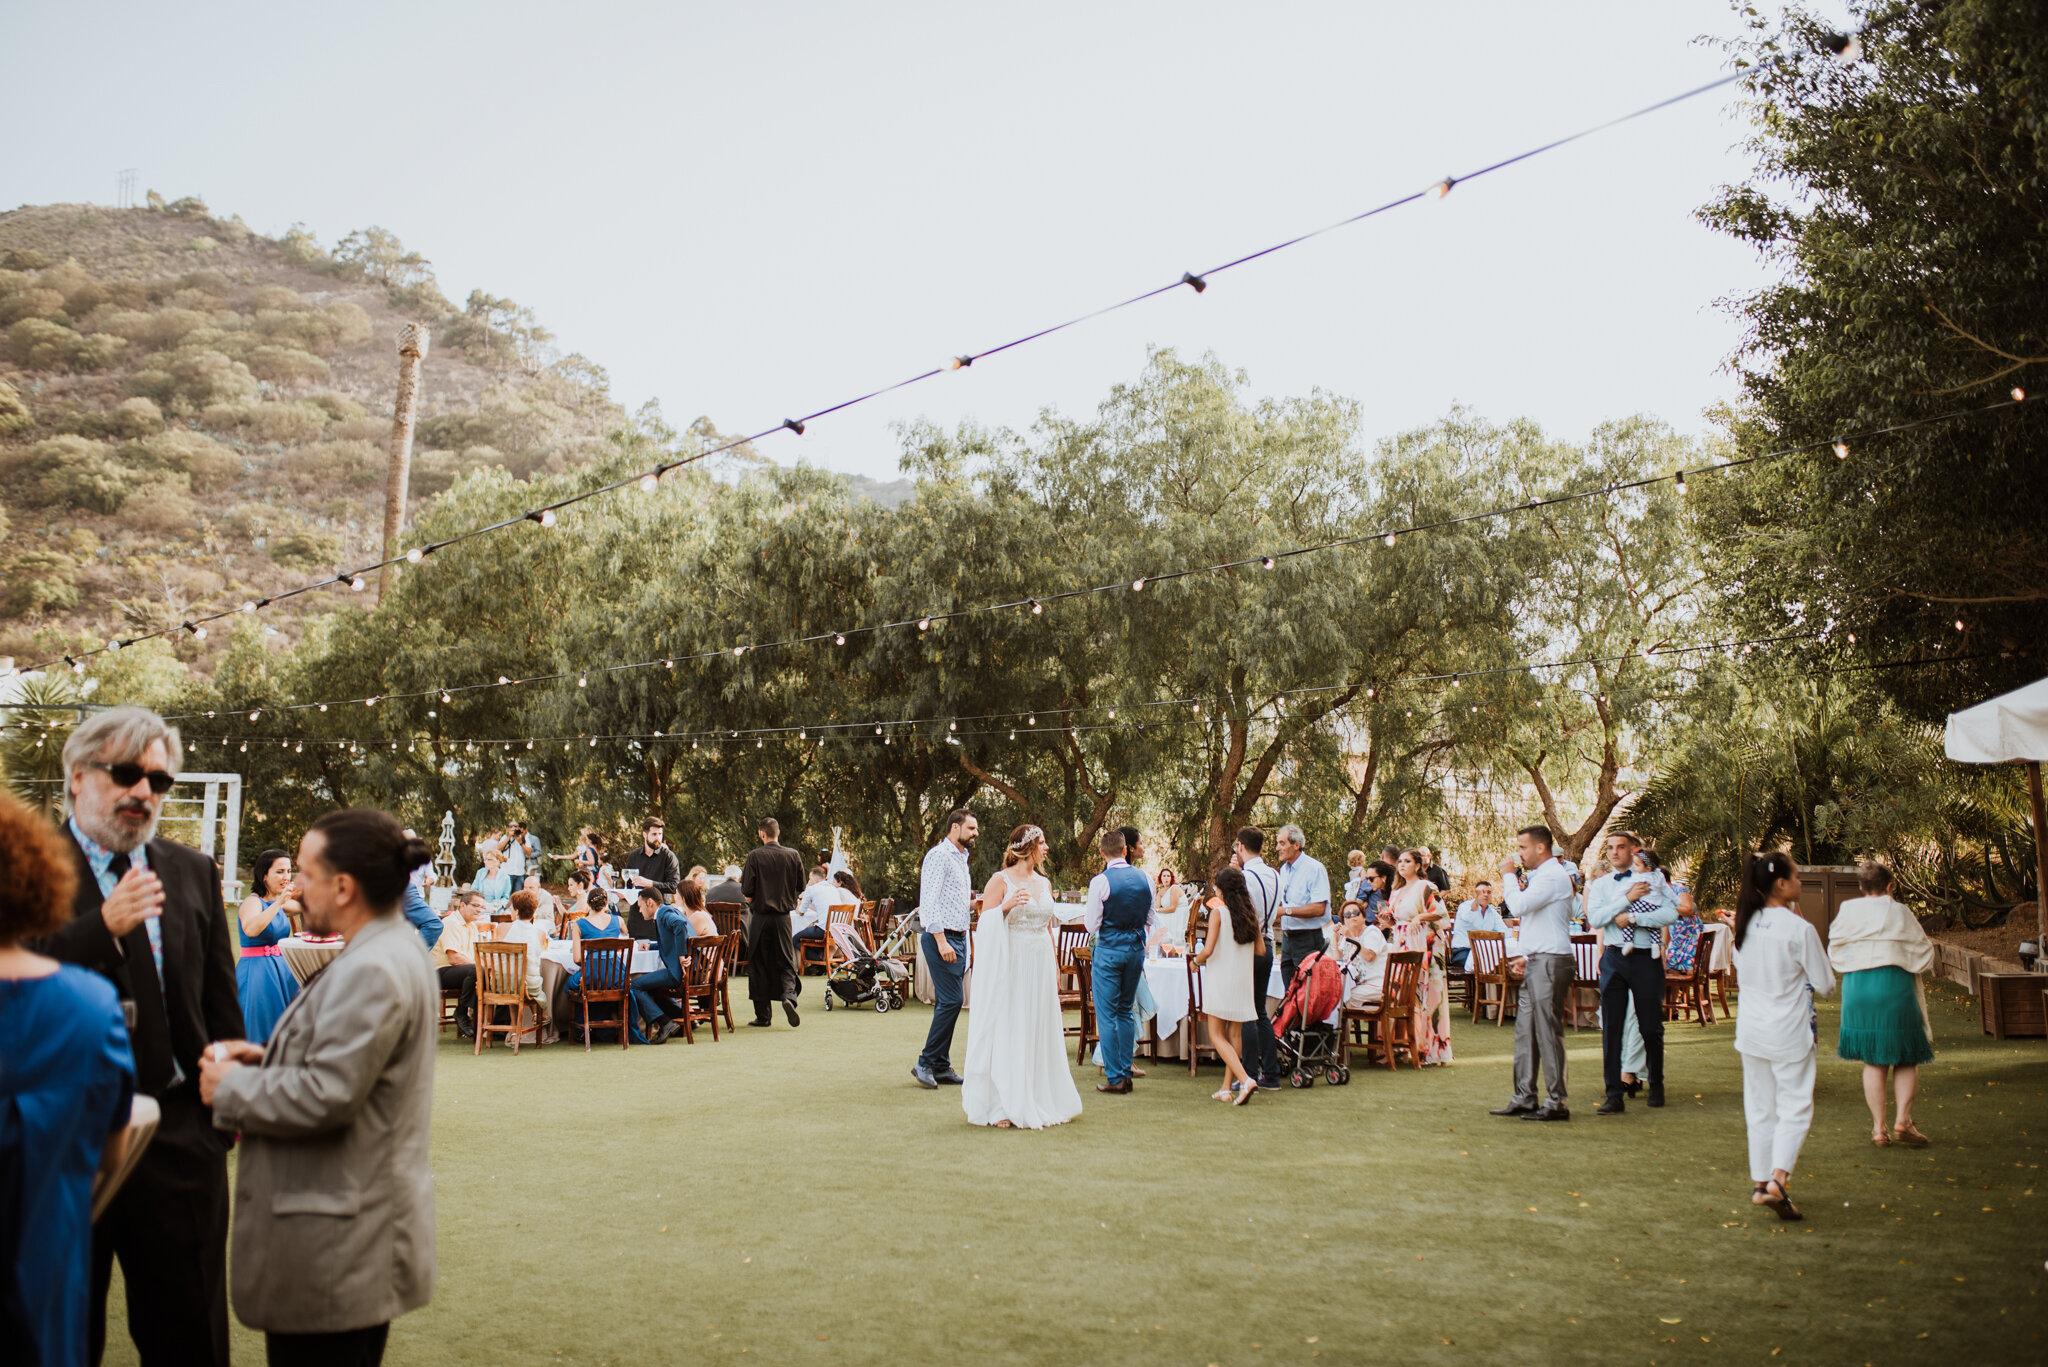 fotografo de bodas las palmas_-108.jpg